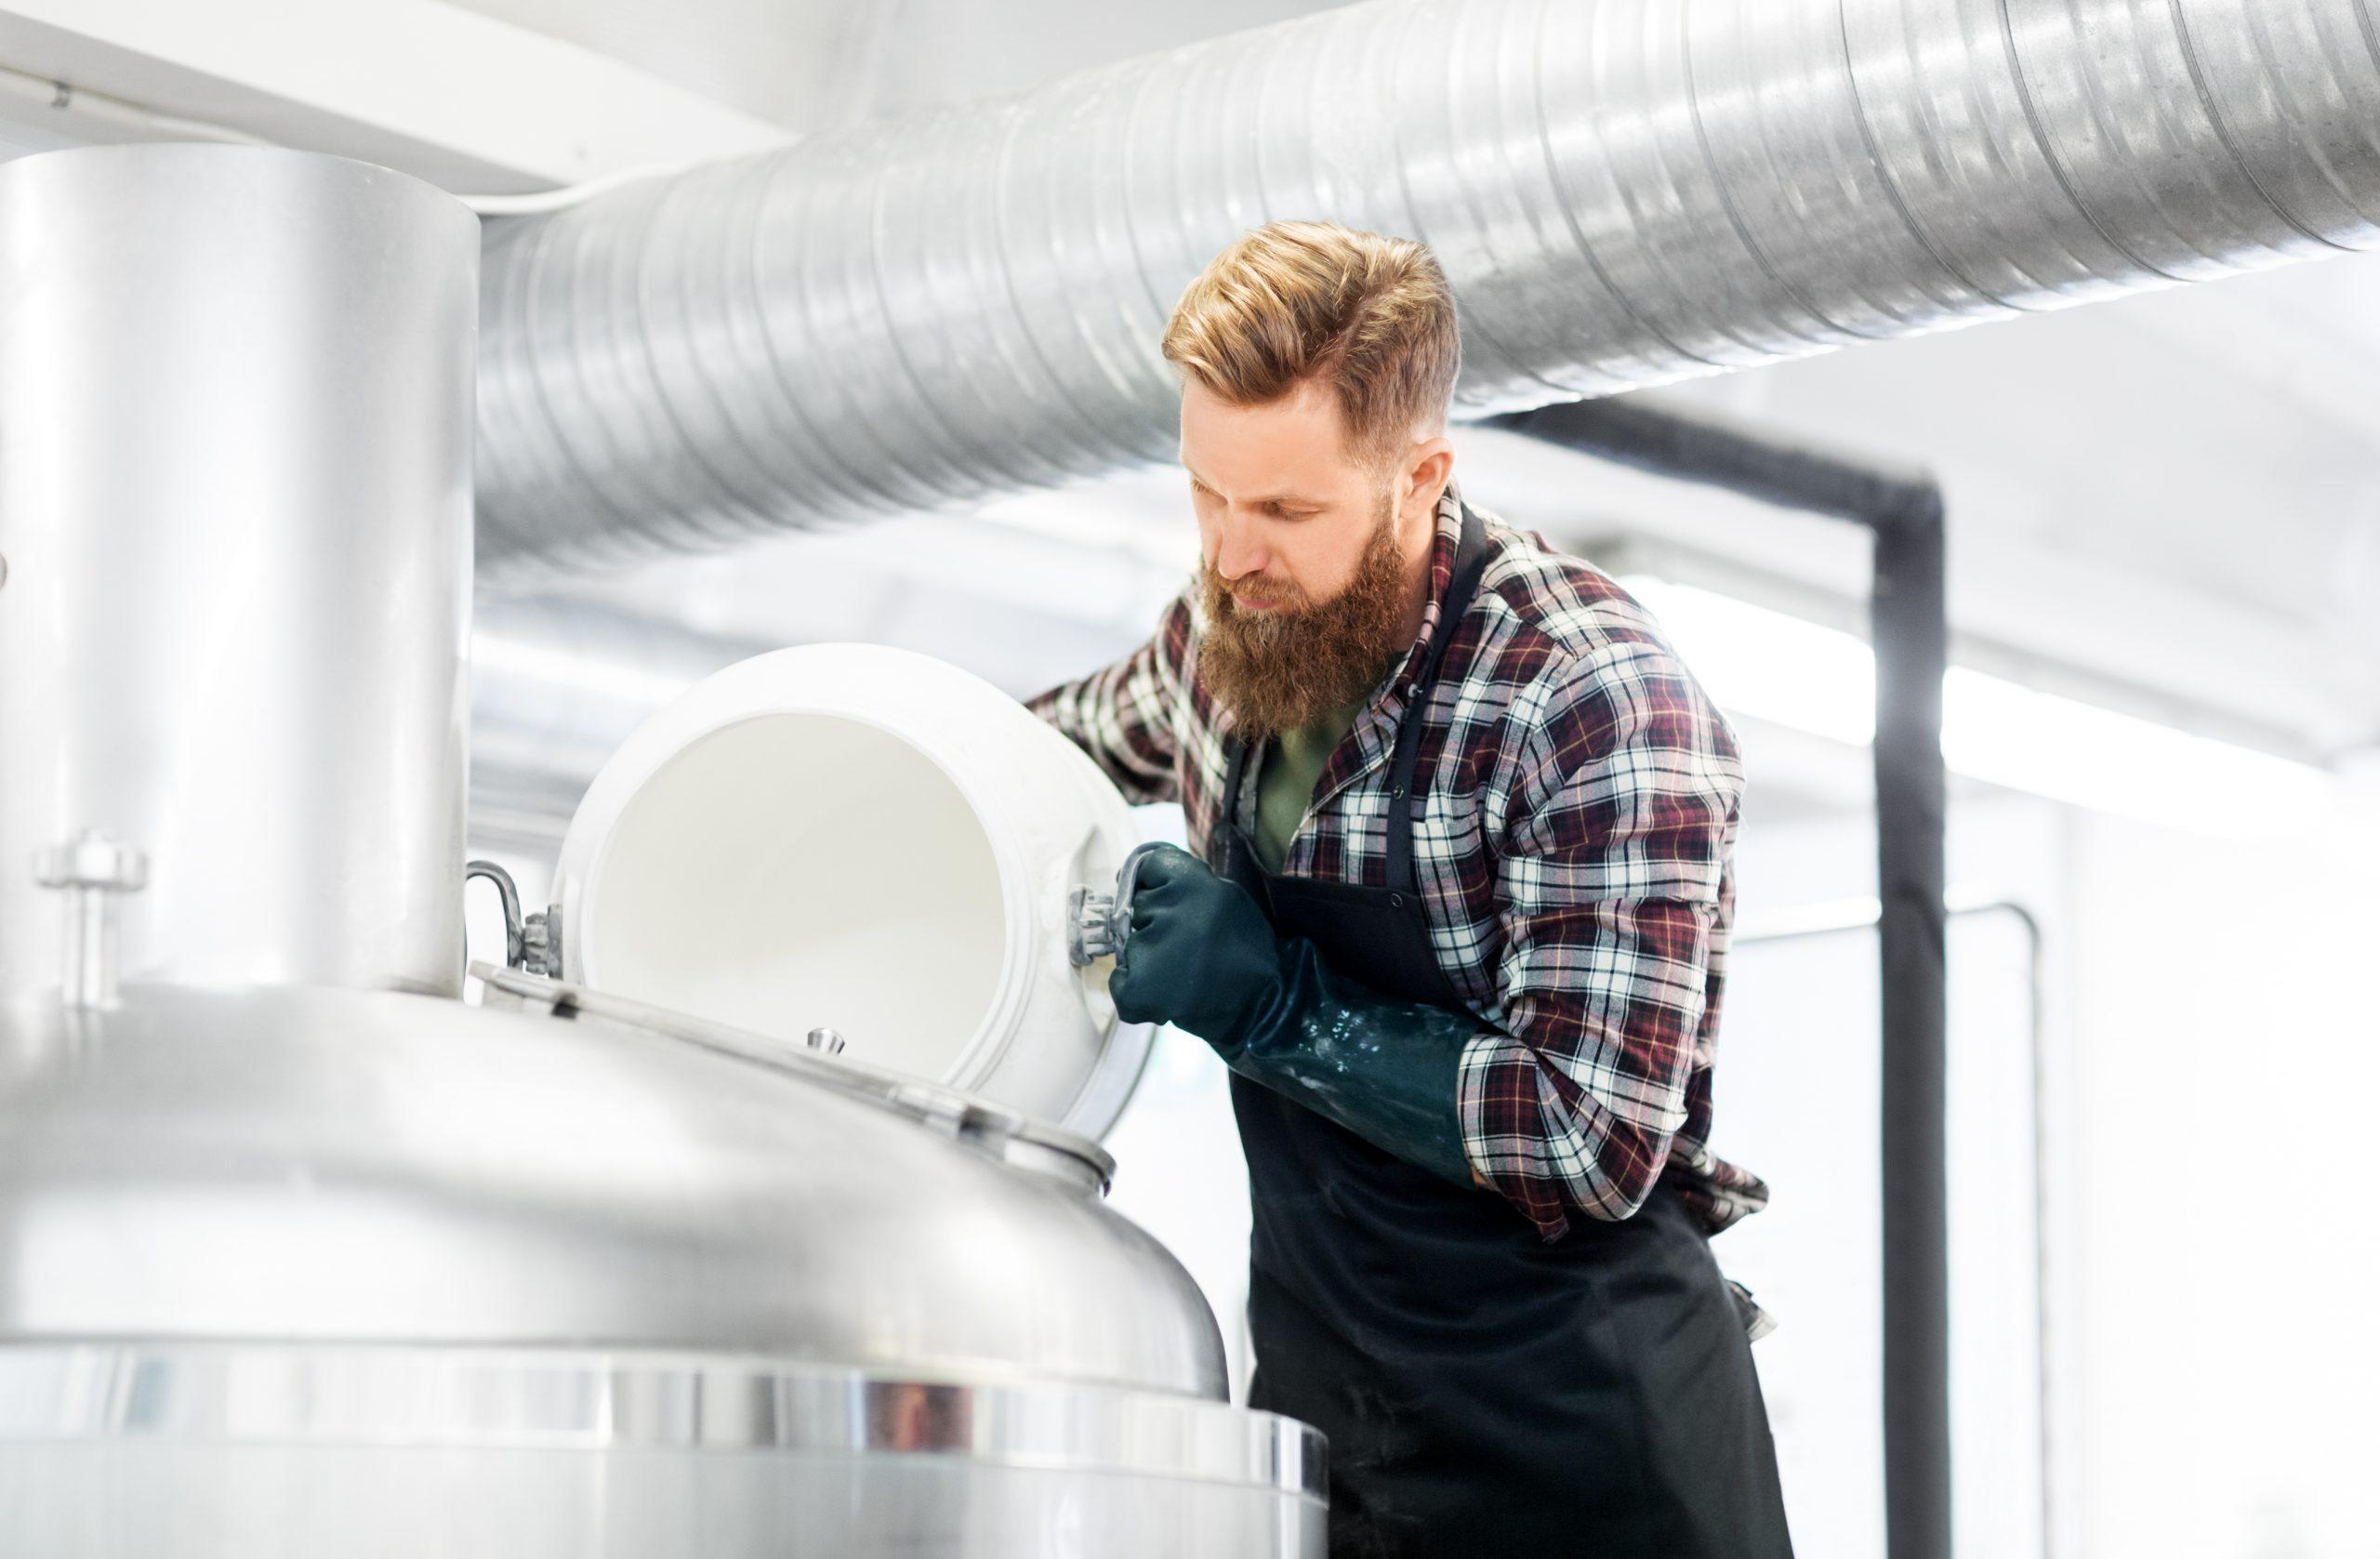 Man ledigt wit plastieken vat in een groot vat om bier te brouwen